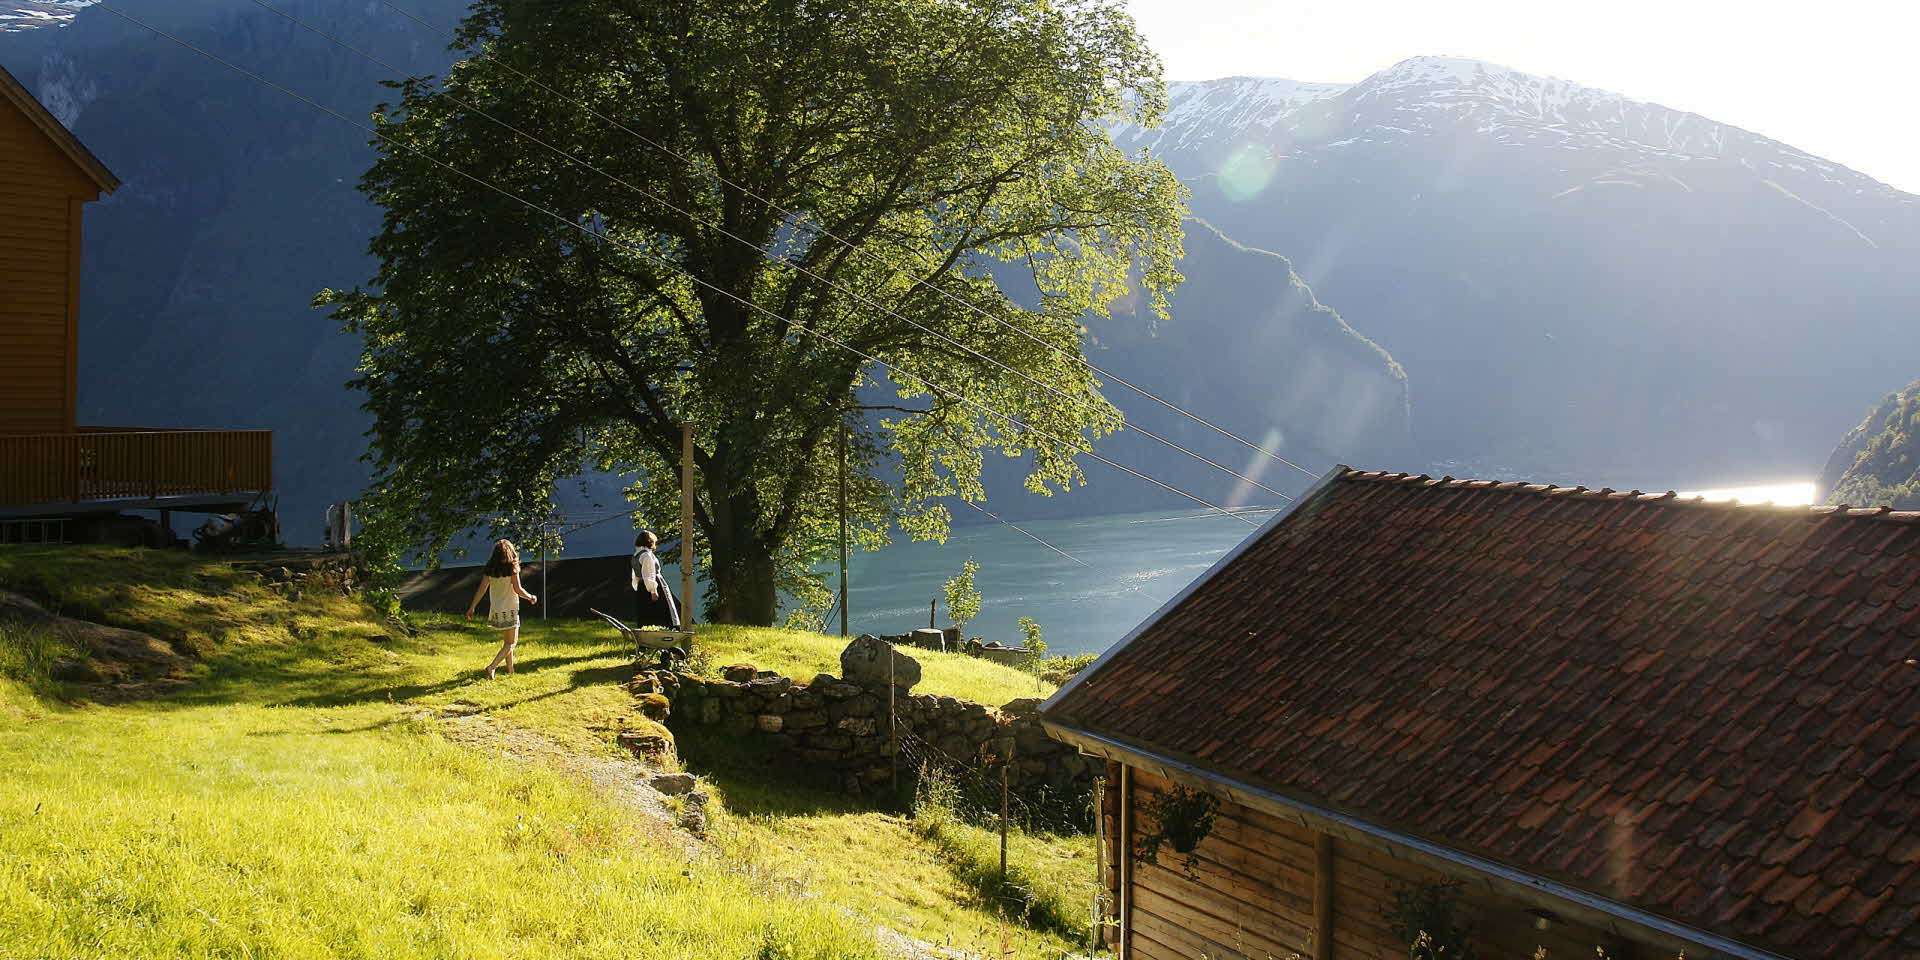 暖かい夏の日に、古い農場の建物の間に生えた草の上を歩く女性と子供。アウルランドスフィヨルドの素晴らしい眺め